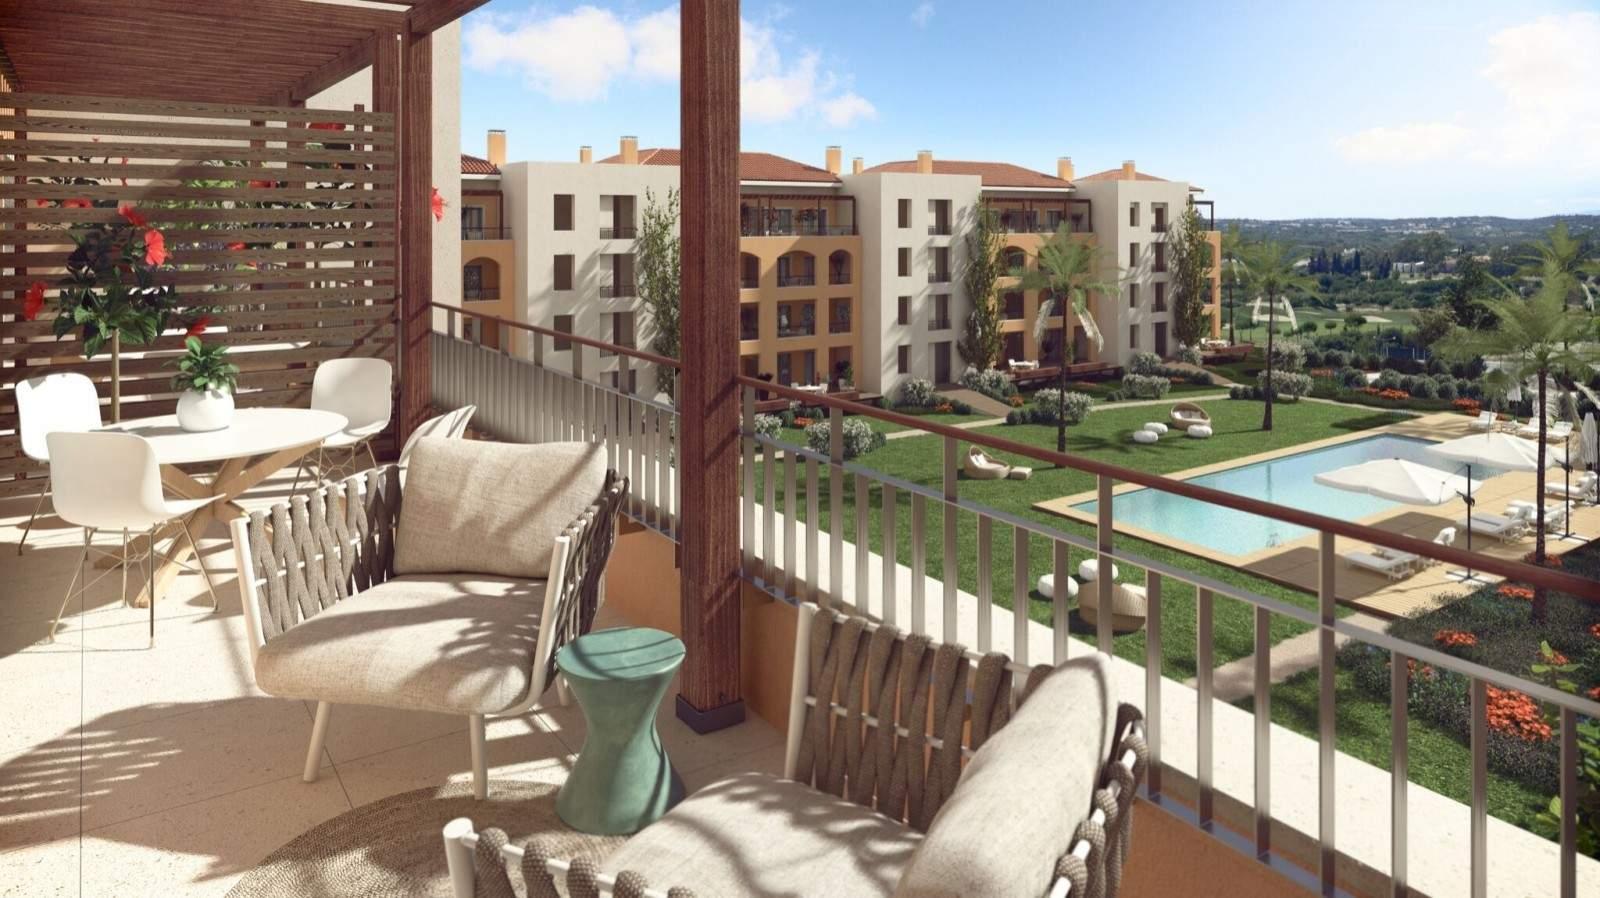 venda-de-apartamento-novo-proximo-do-golfe-em-vilamoura-algarve